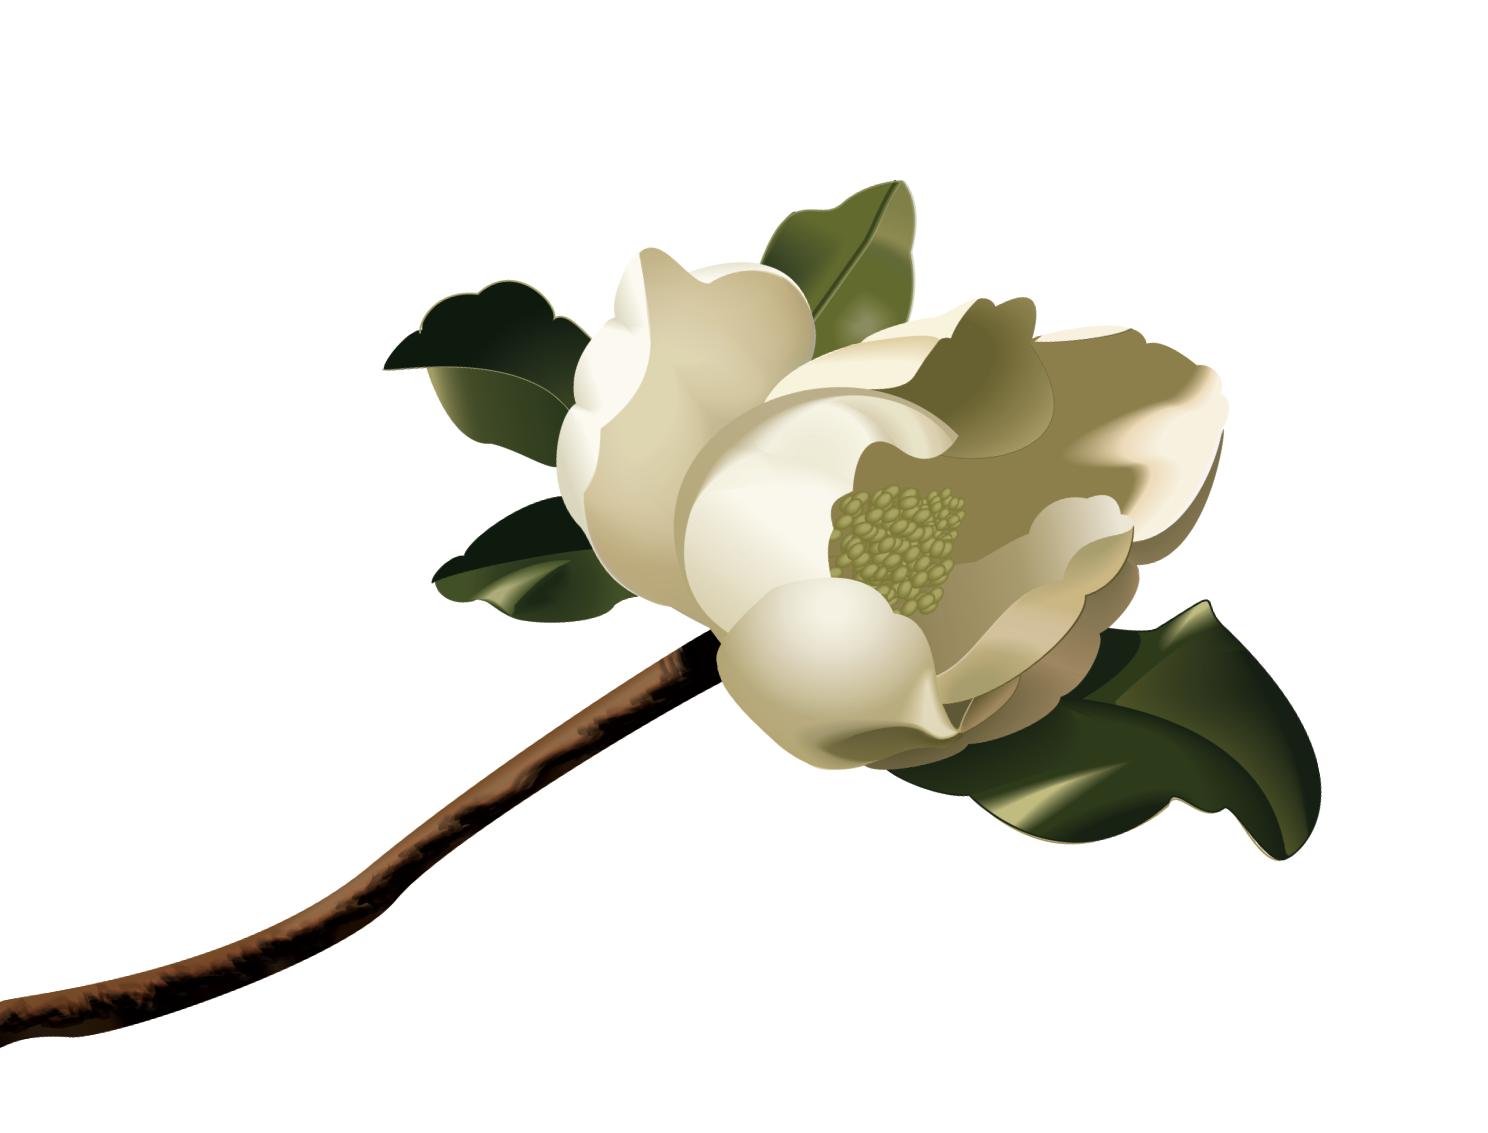 magnolia branch clip art - photo #15